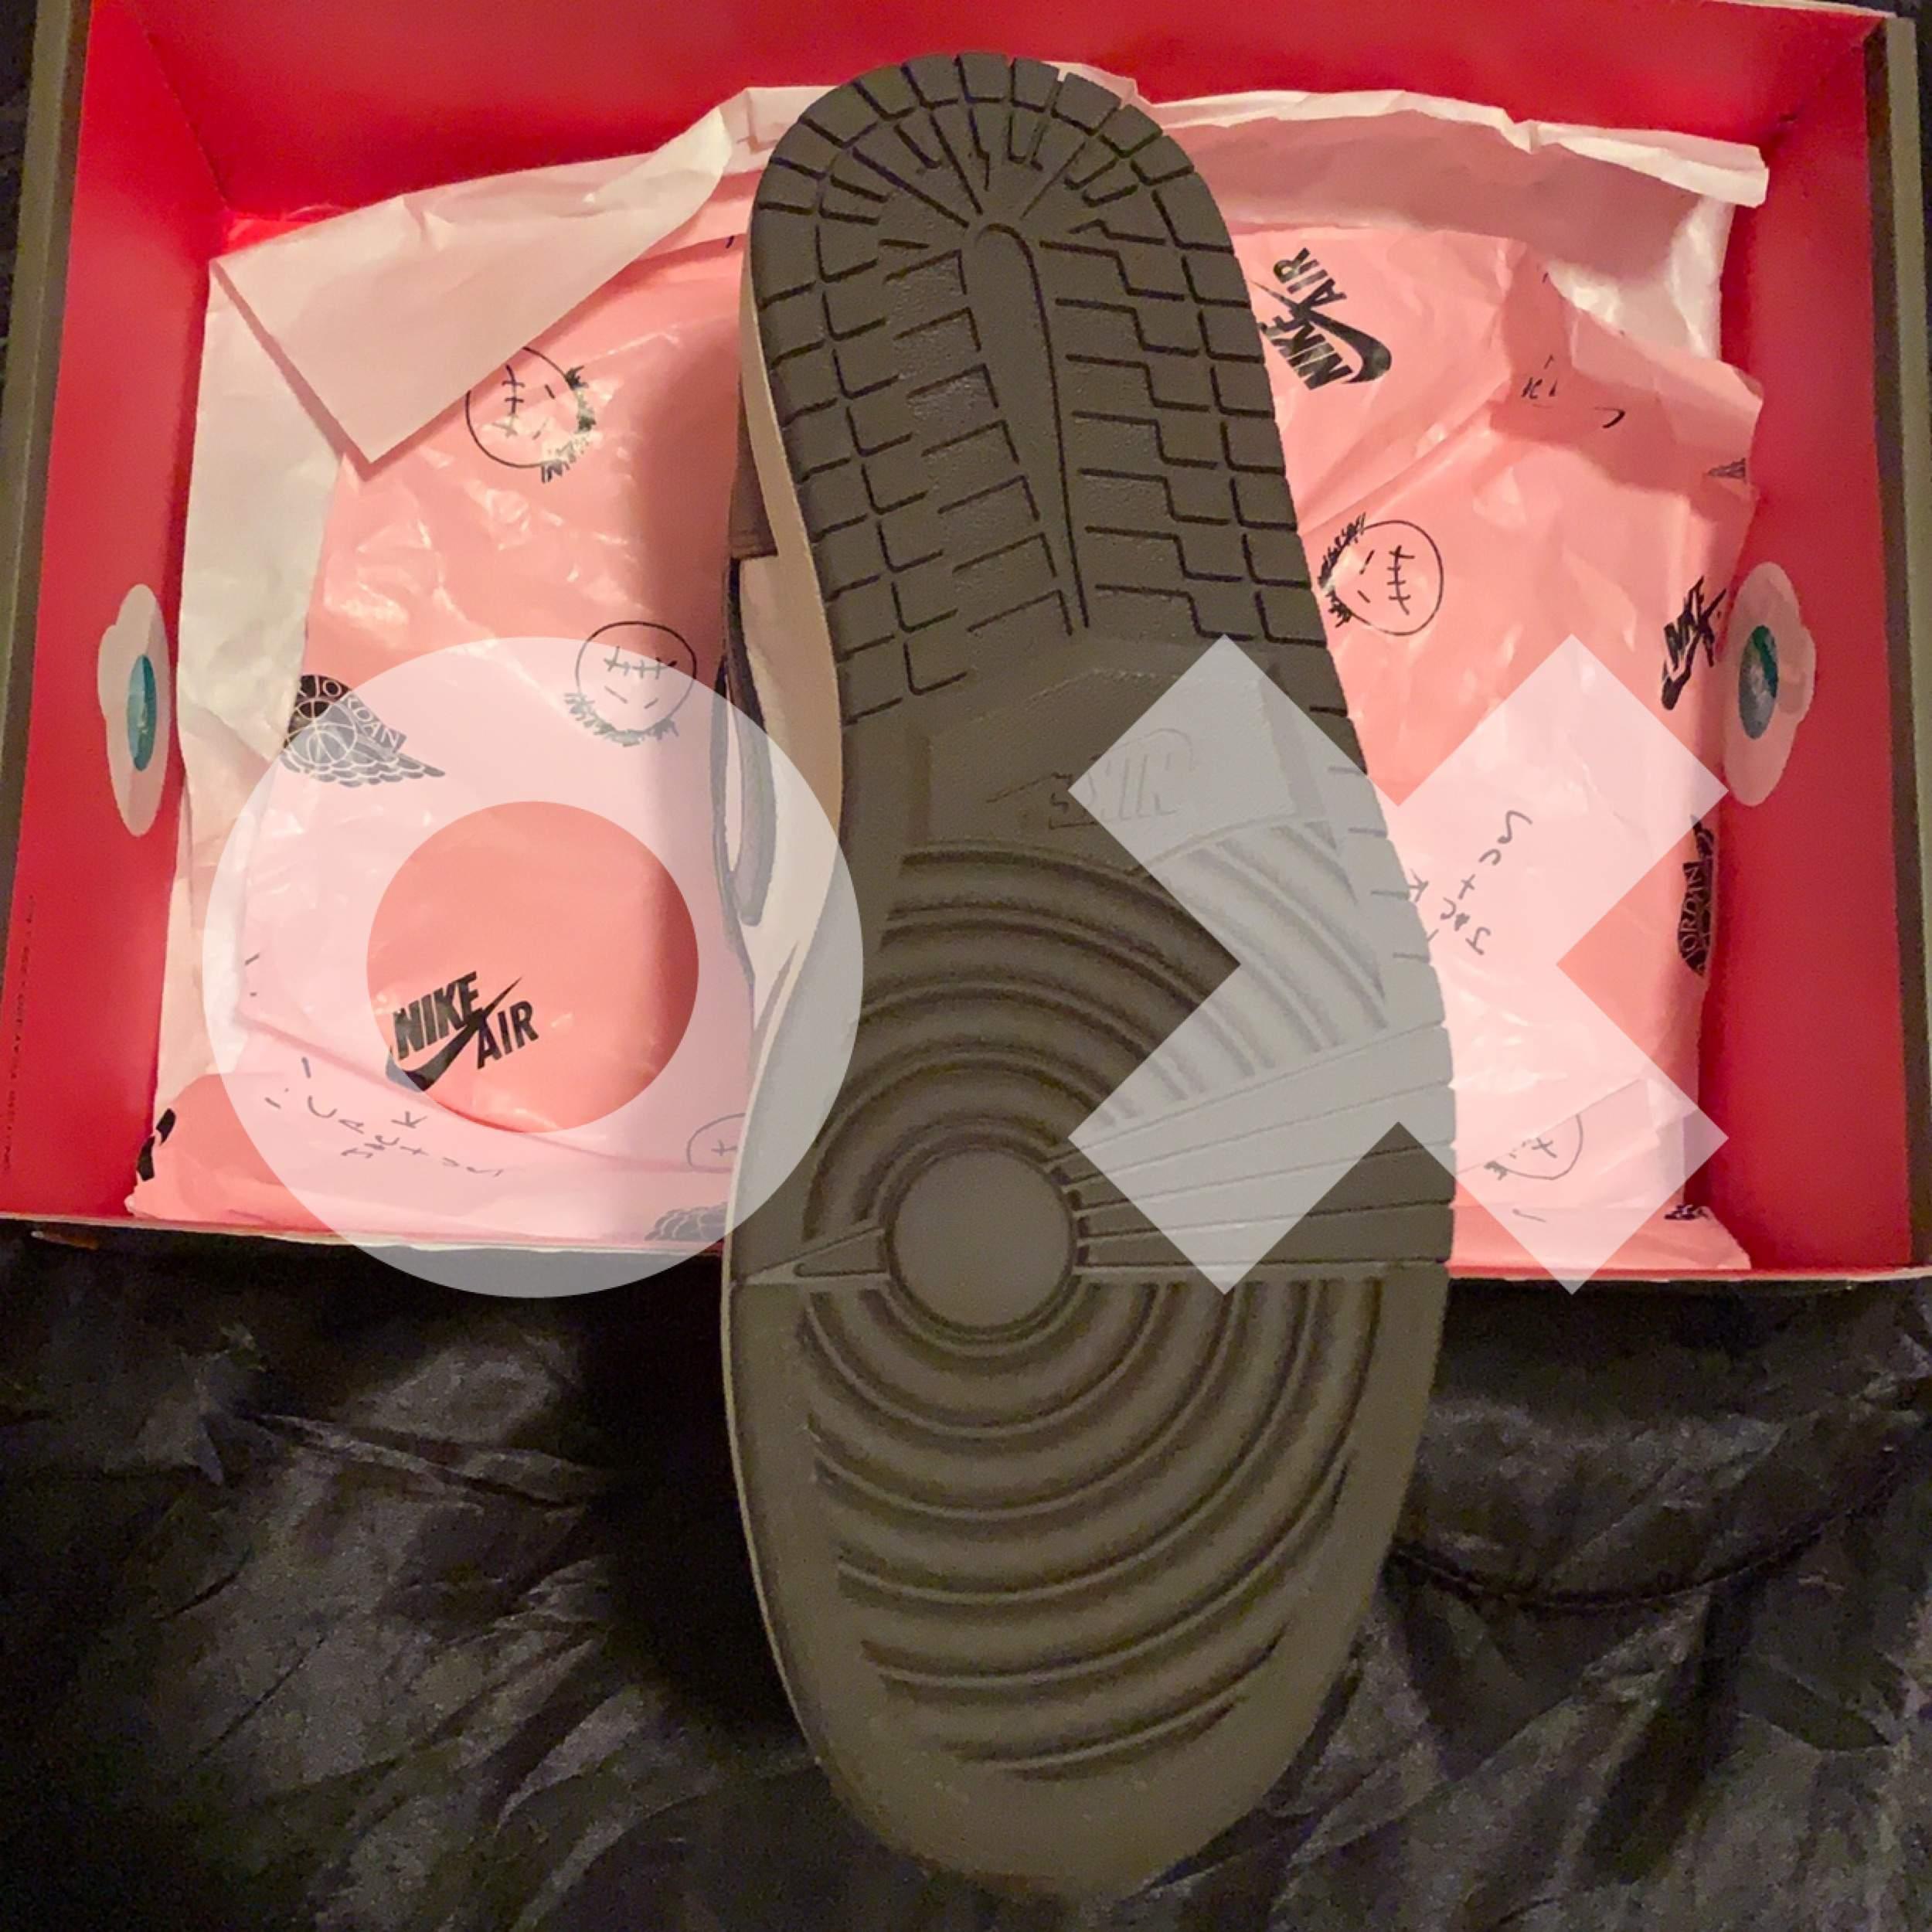 #6809939146413702 Air Jordan - Jordan 1 | REPLICA | LEGIT APP